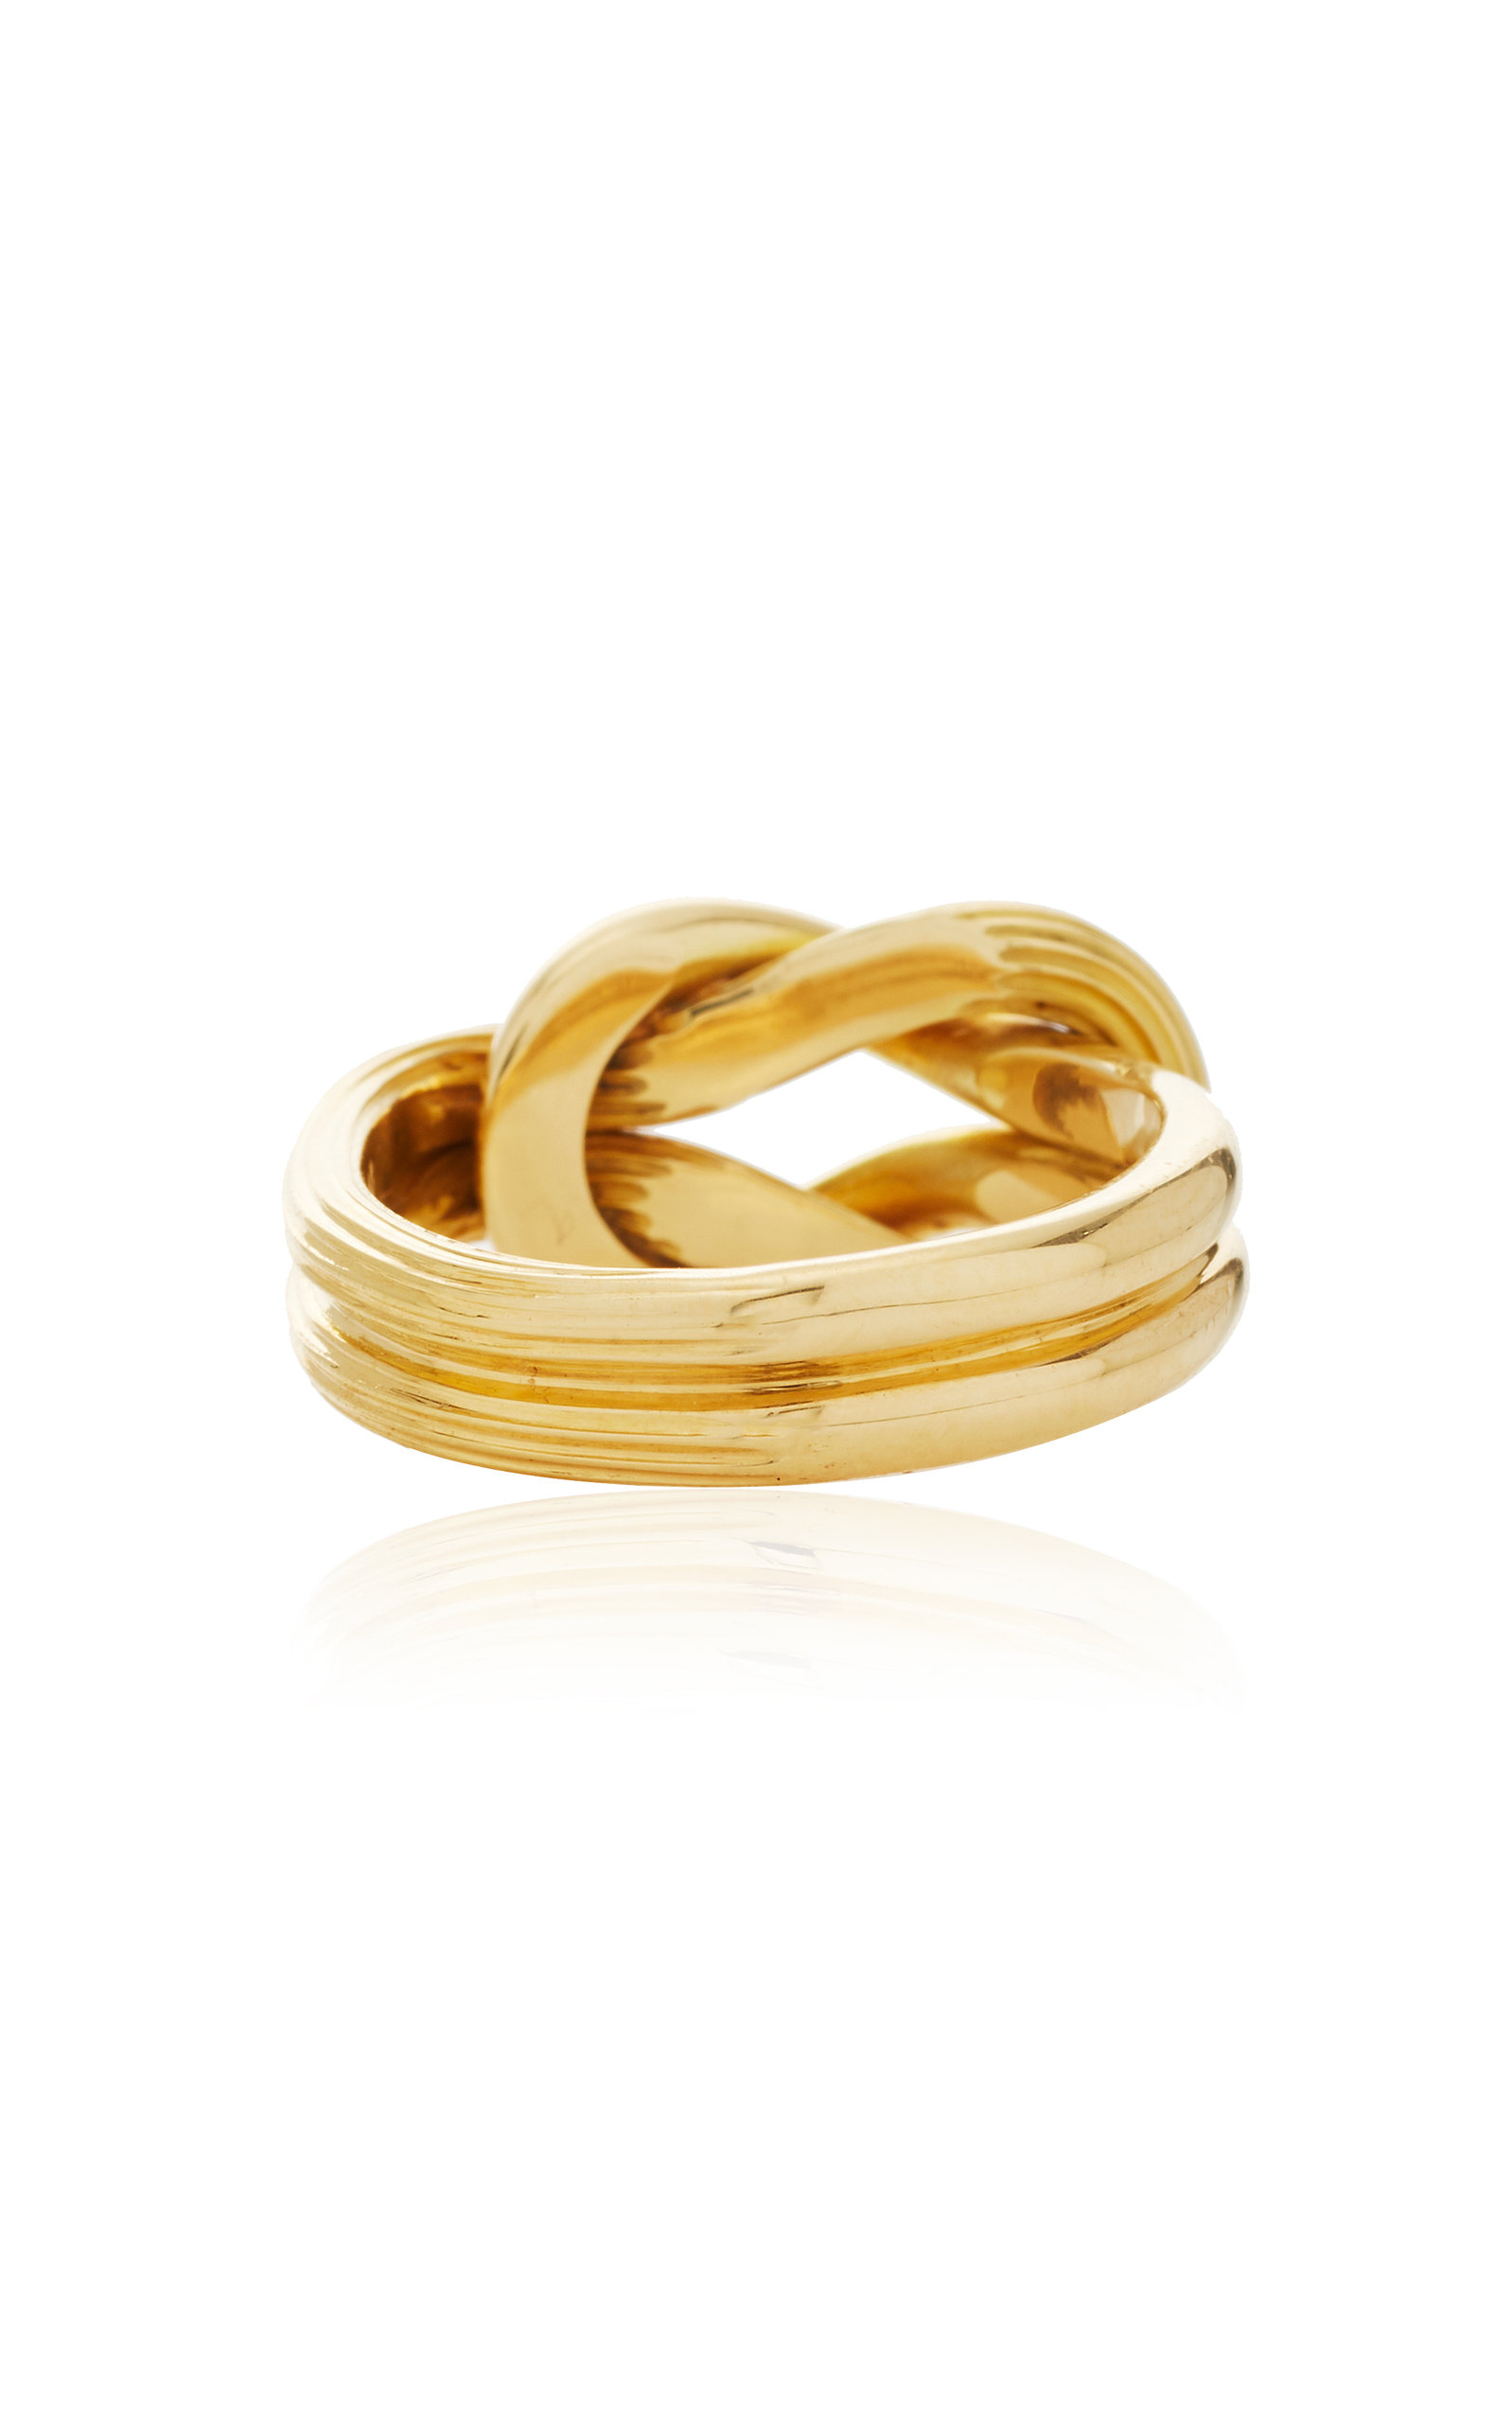 18k Yellow Gold Hercules Knot Ring By Lalaounis Moda Operandi